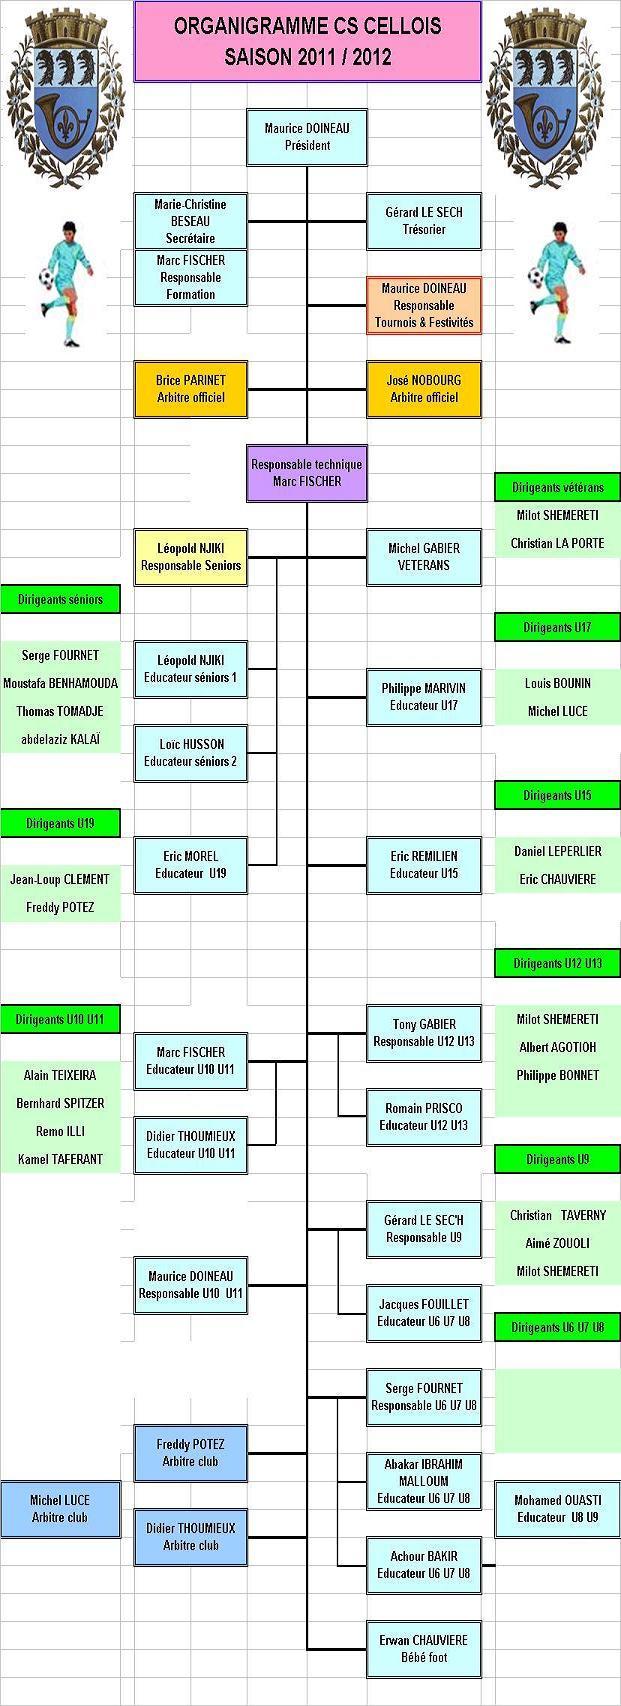 Organigramme 2011-2012